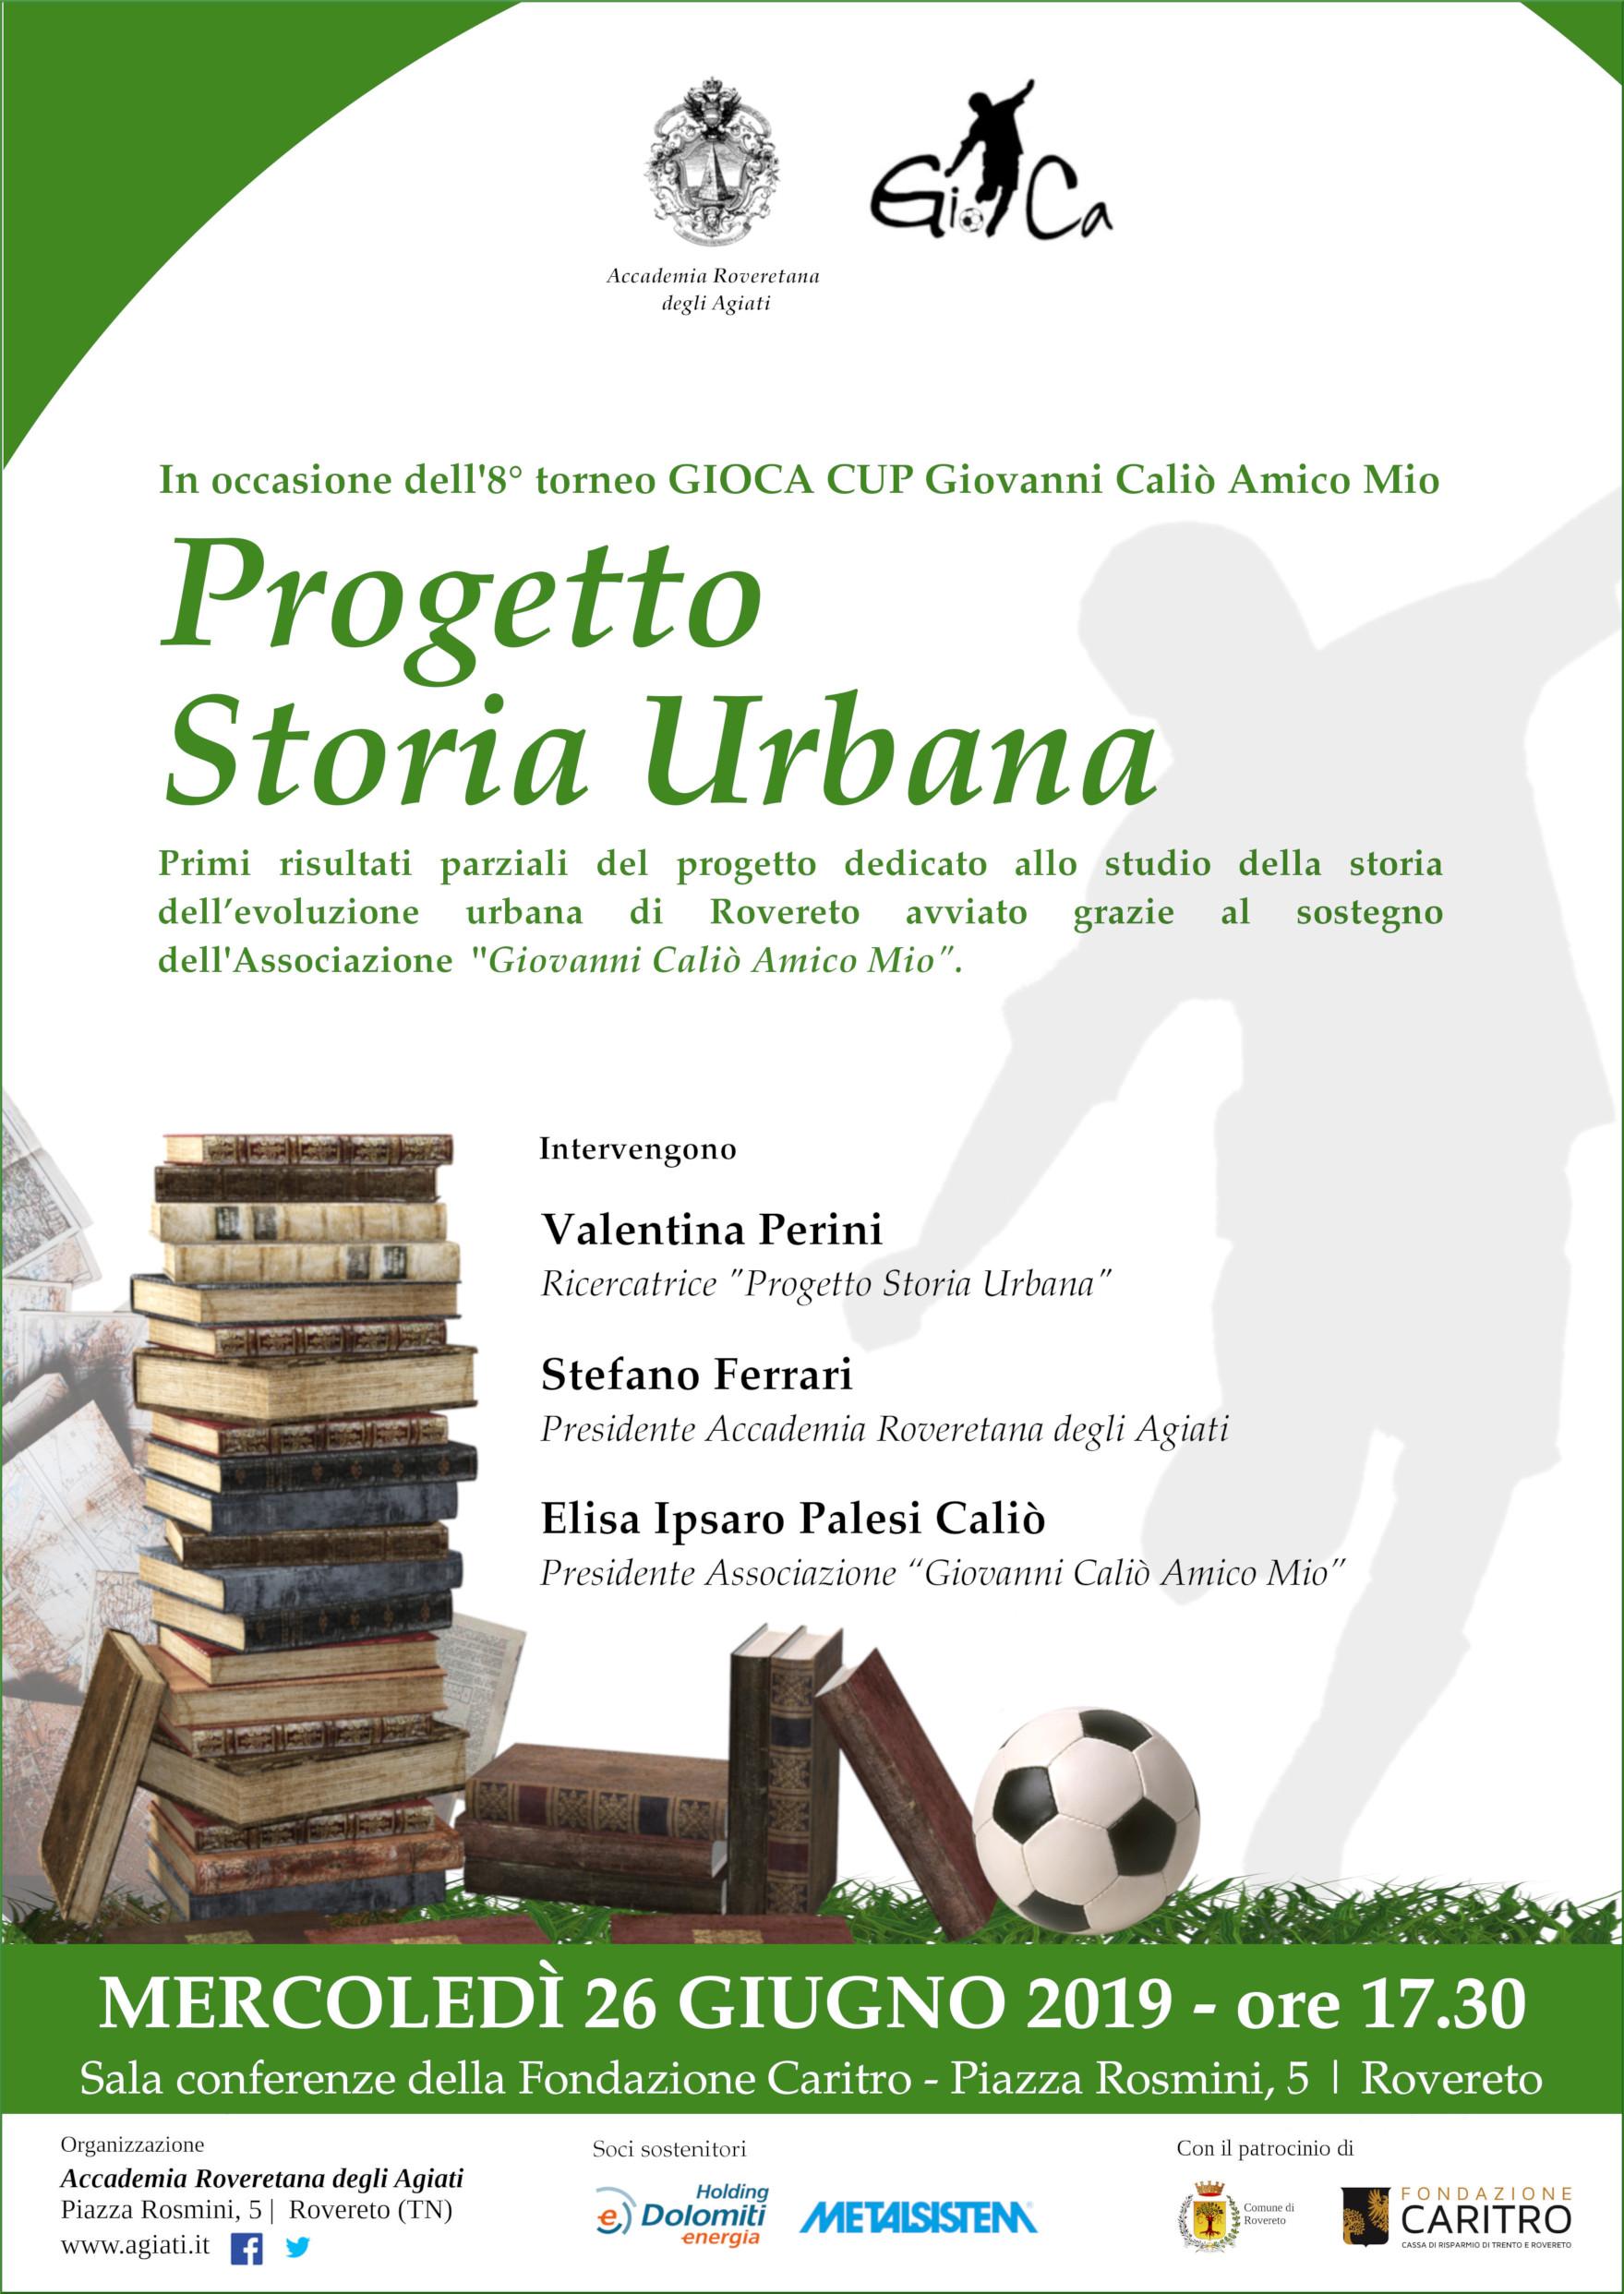 Progetto Storia Urbana